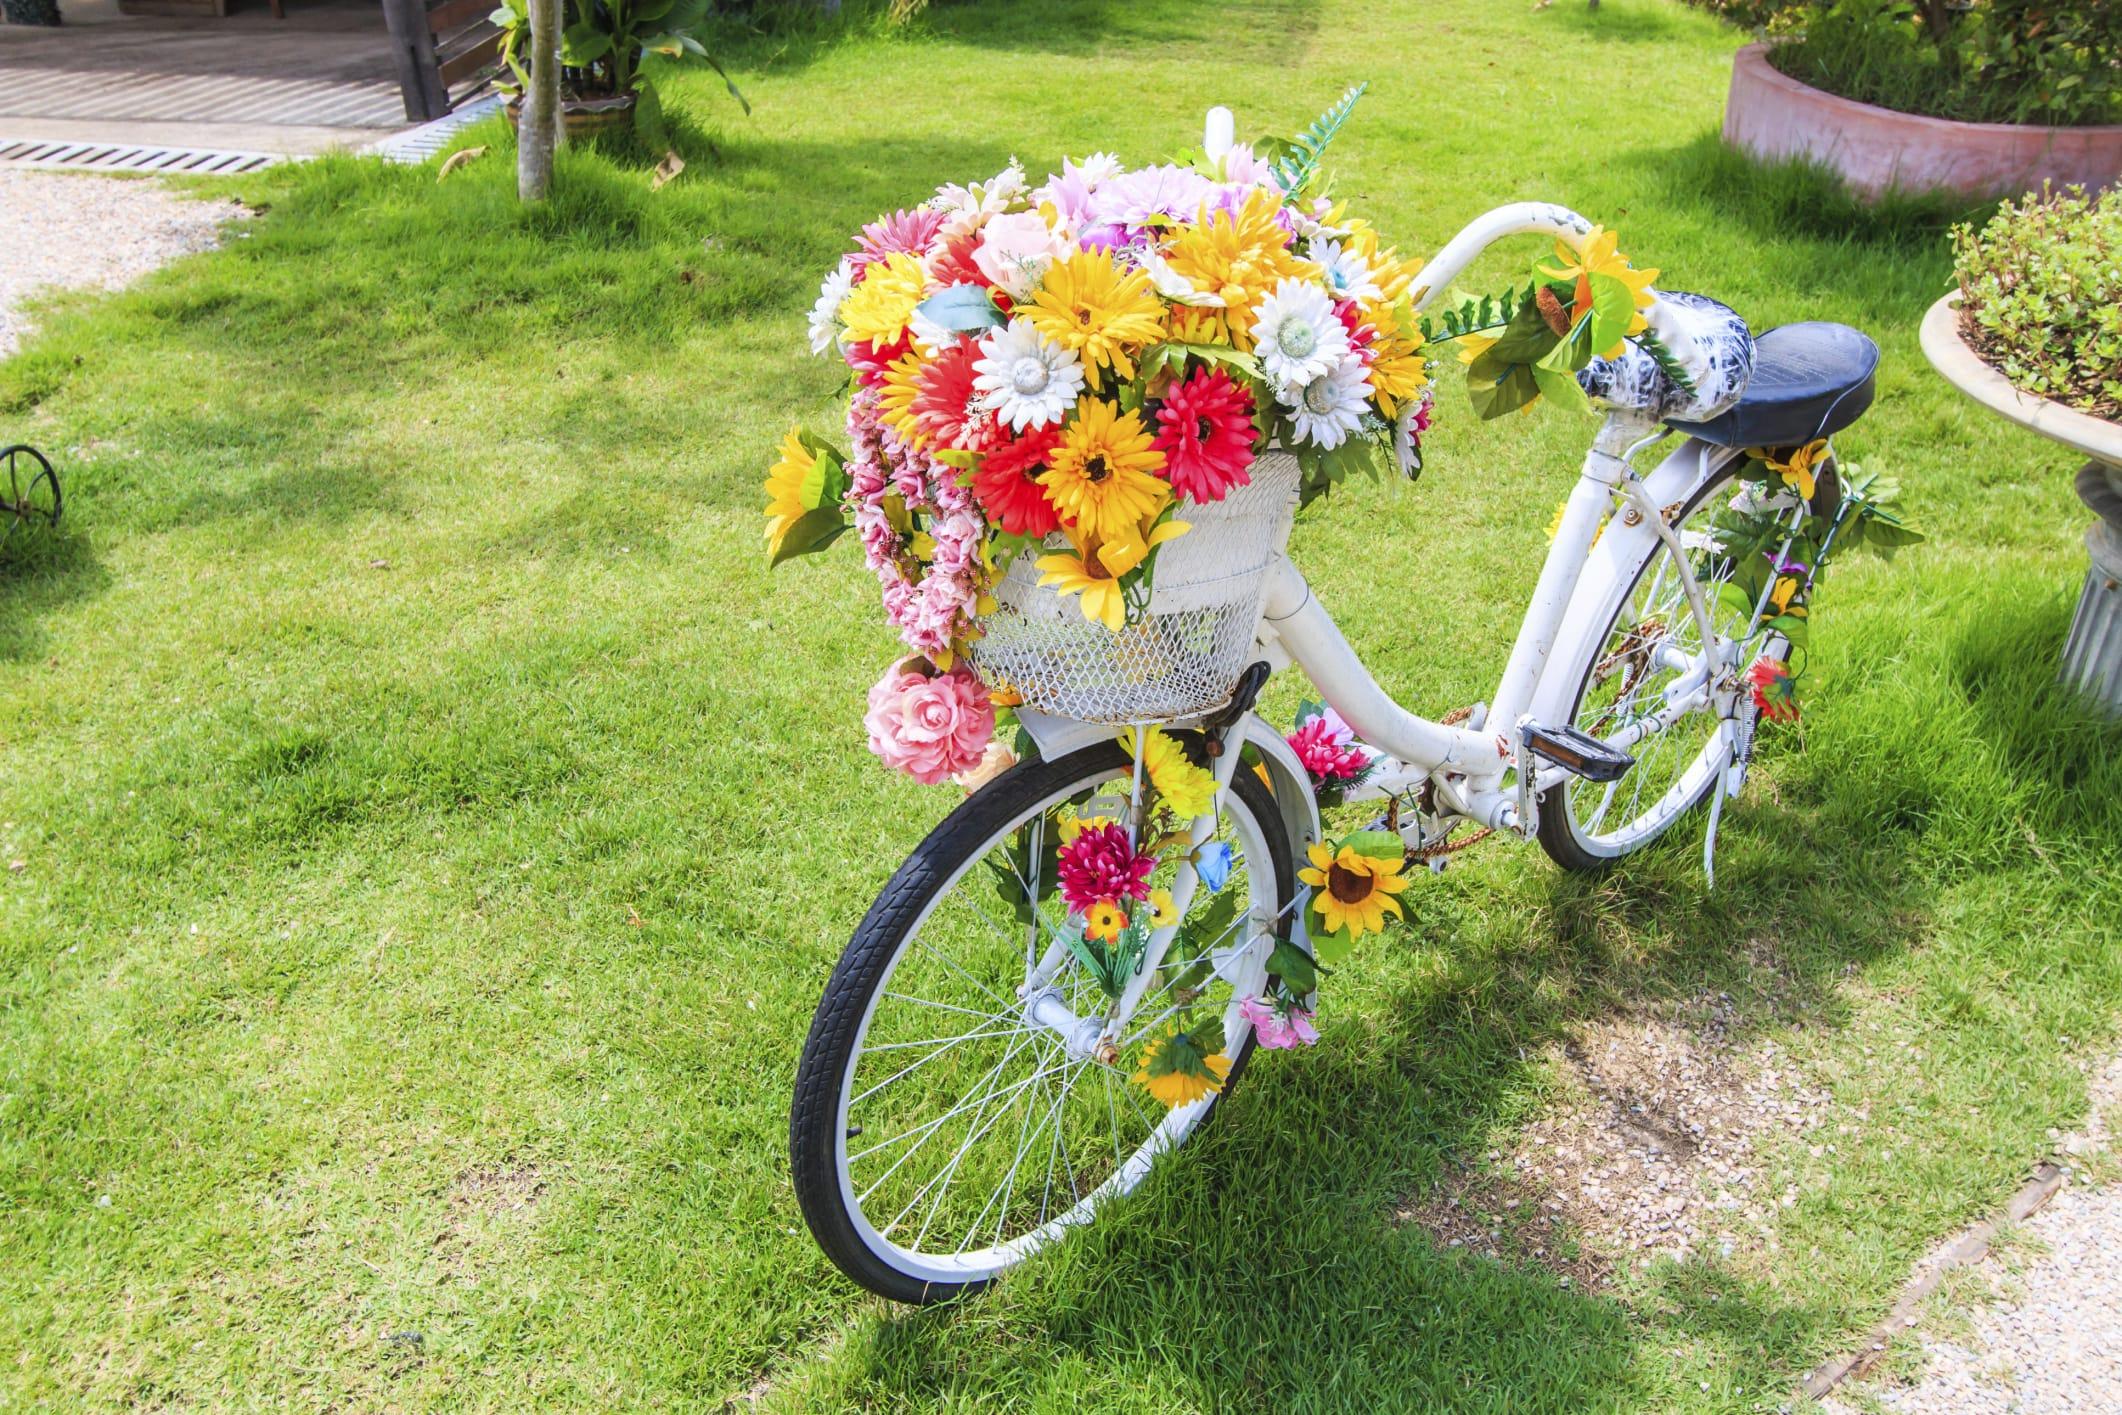 Giardino ecosostenibile e contro gli sprechi 5 consigli utili non sprecare - Bicicleta macetero ...